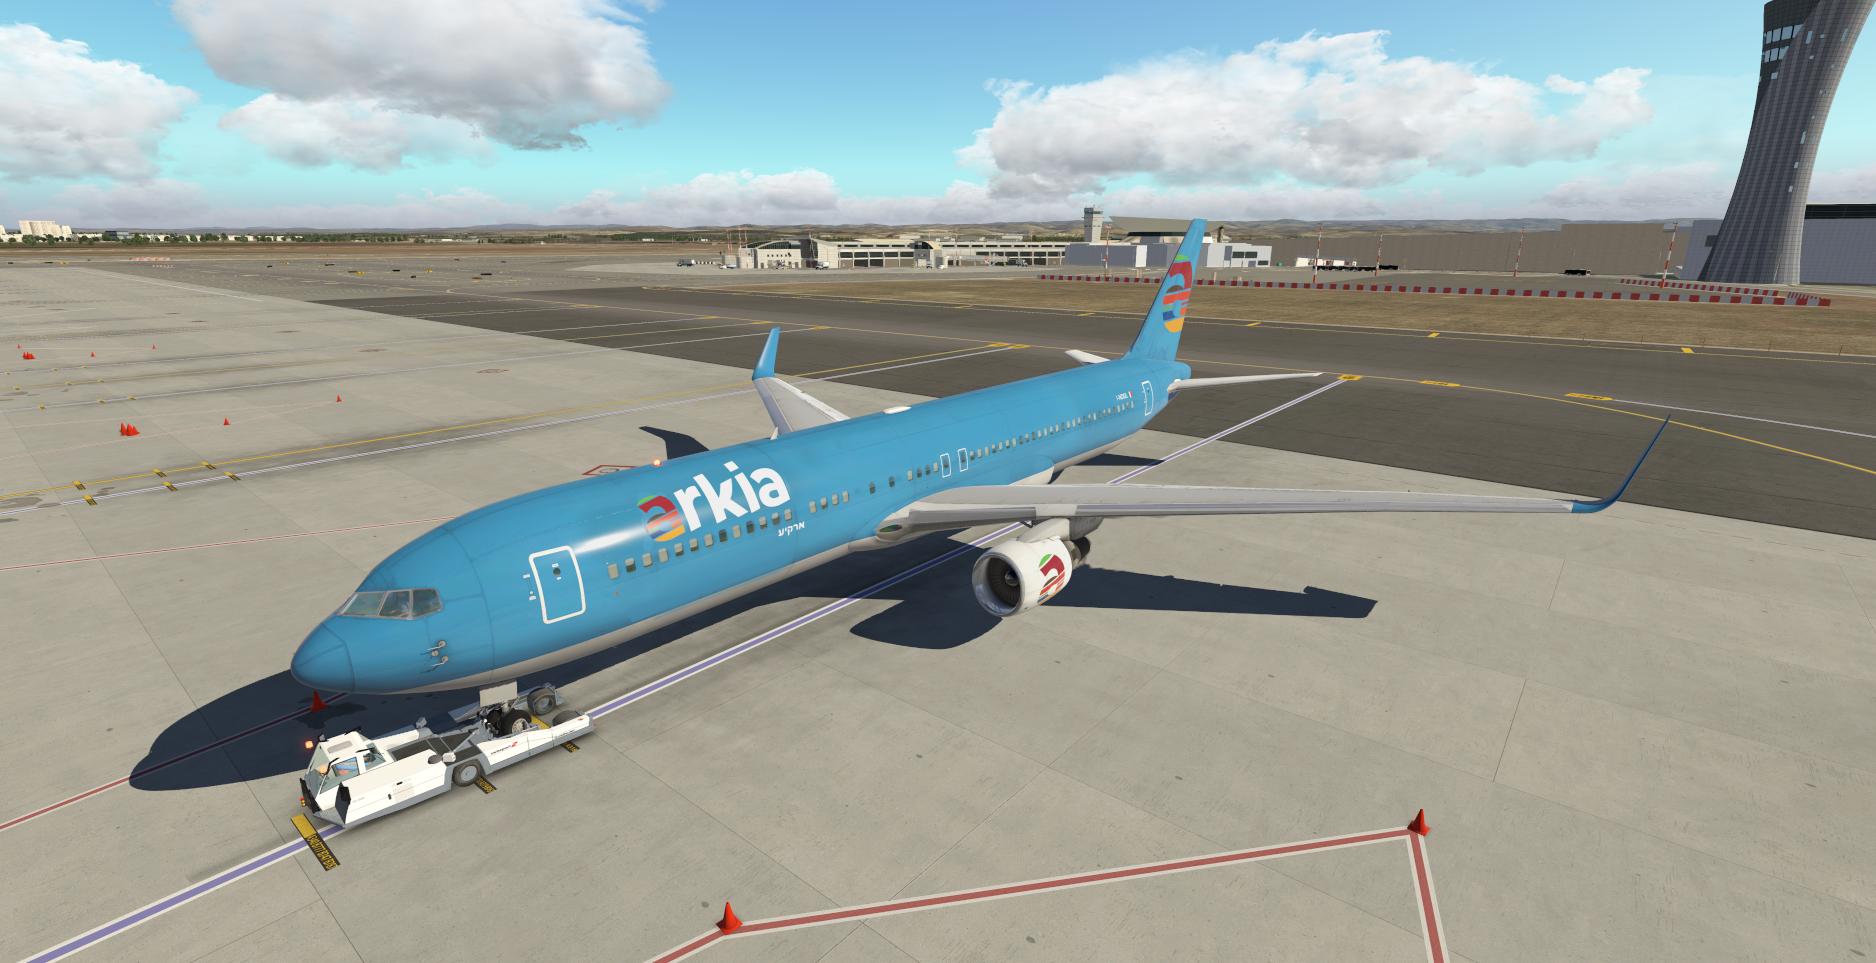 LLBG-LCLK Arkia Boeing 767 Xplane 11 - תמונות וסרטונים / Screenshots